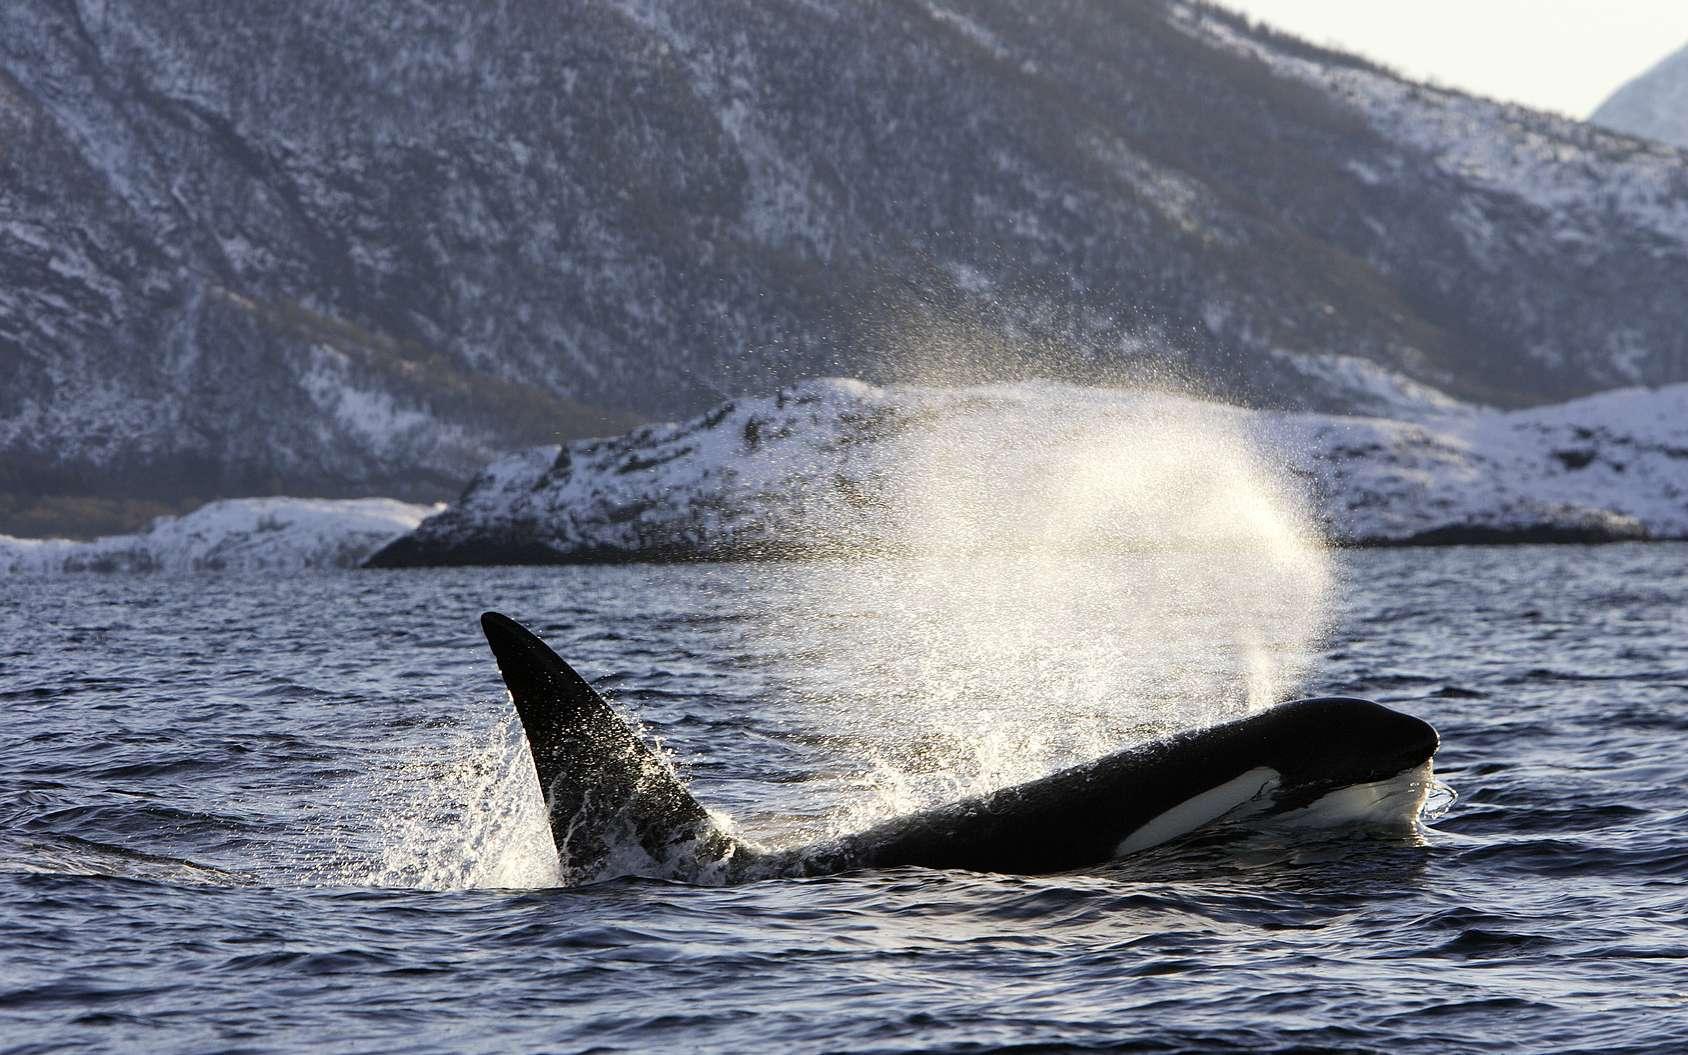 Les orques à l'état sauvage sont menacées par la pollution, notamment les PCB. © PIXATERRA, Fotolia